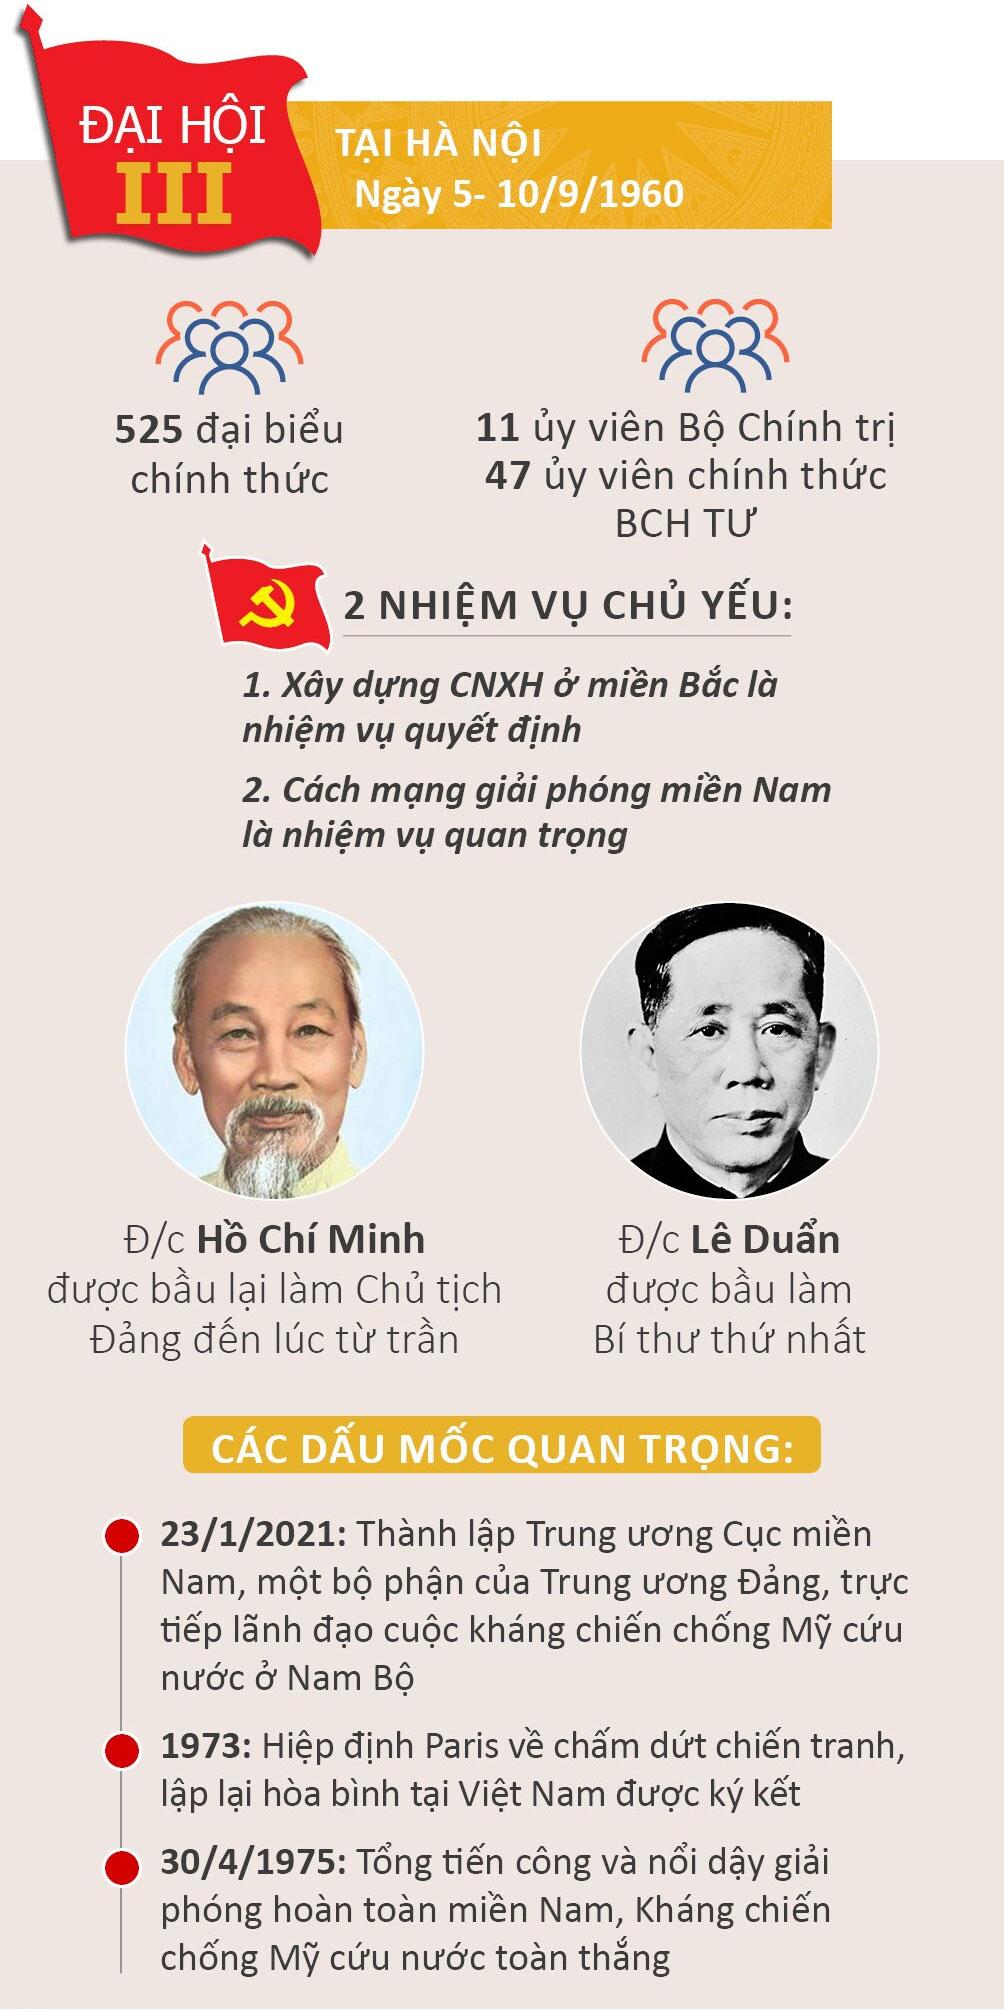 Nhìn lại 12 kỳ Đại hội của Đảng Cộng sản Việt Nam - 3